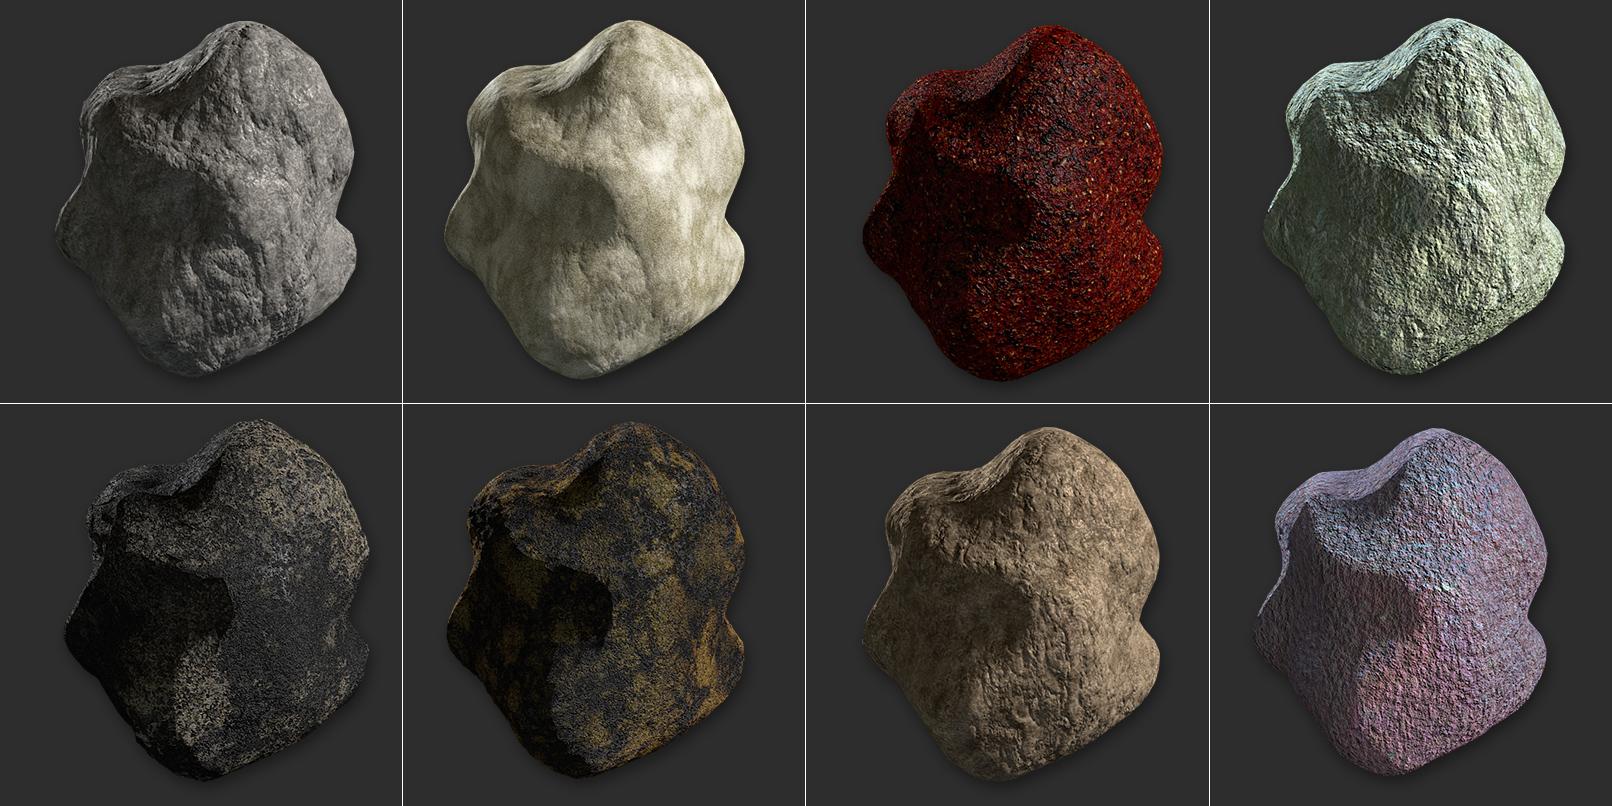 C4D-Texturen mit Stein- und Felsoberflächen zur Erstellung fotorealistischer Landschaften.